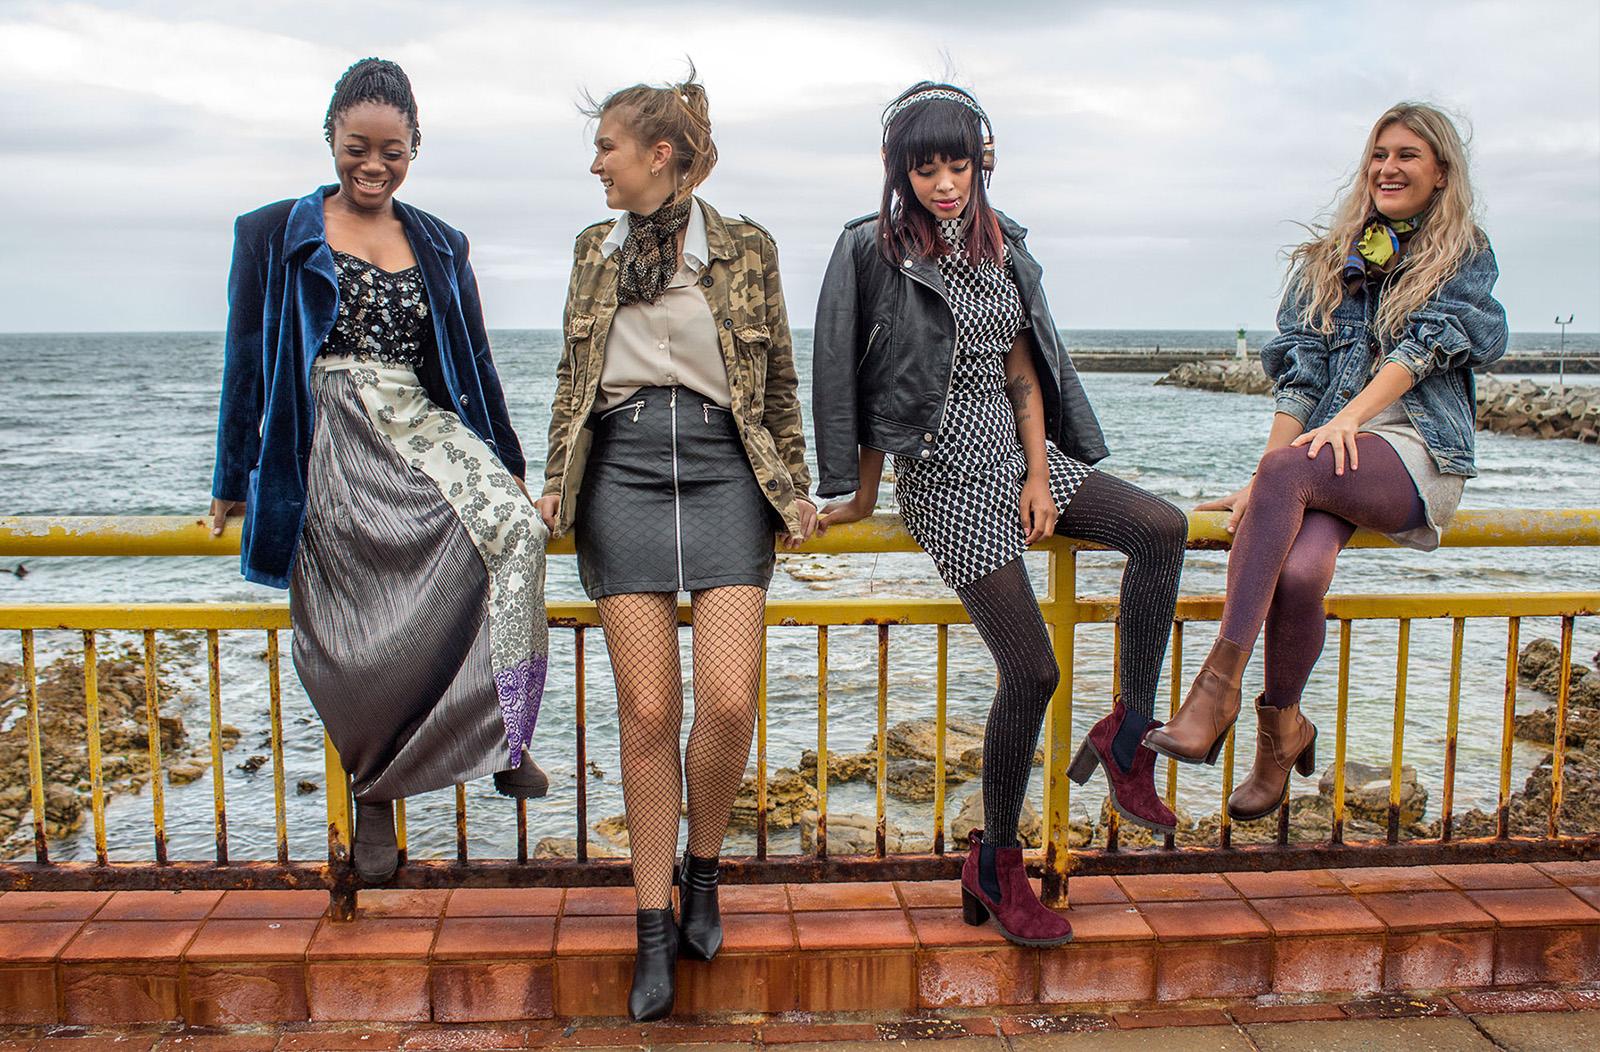 Fashion shoot IMG_8908